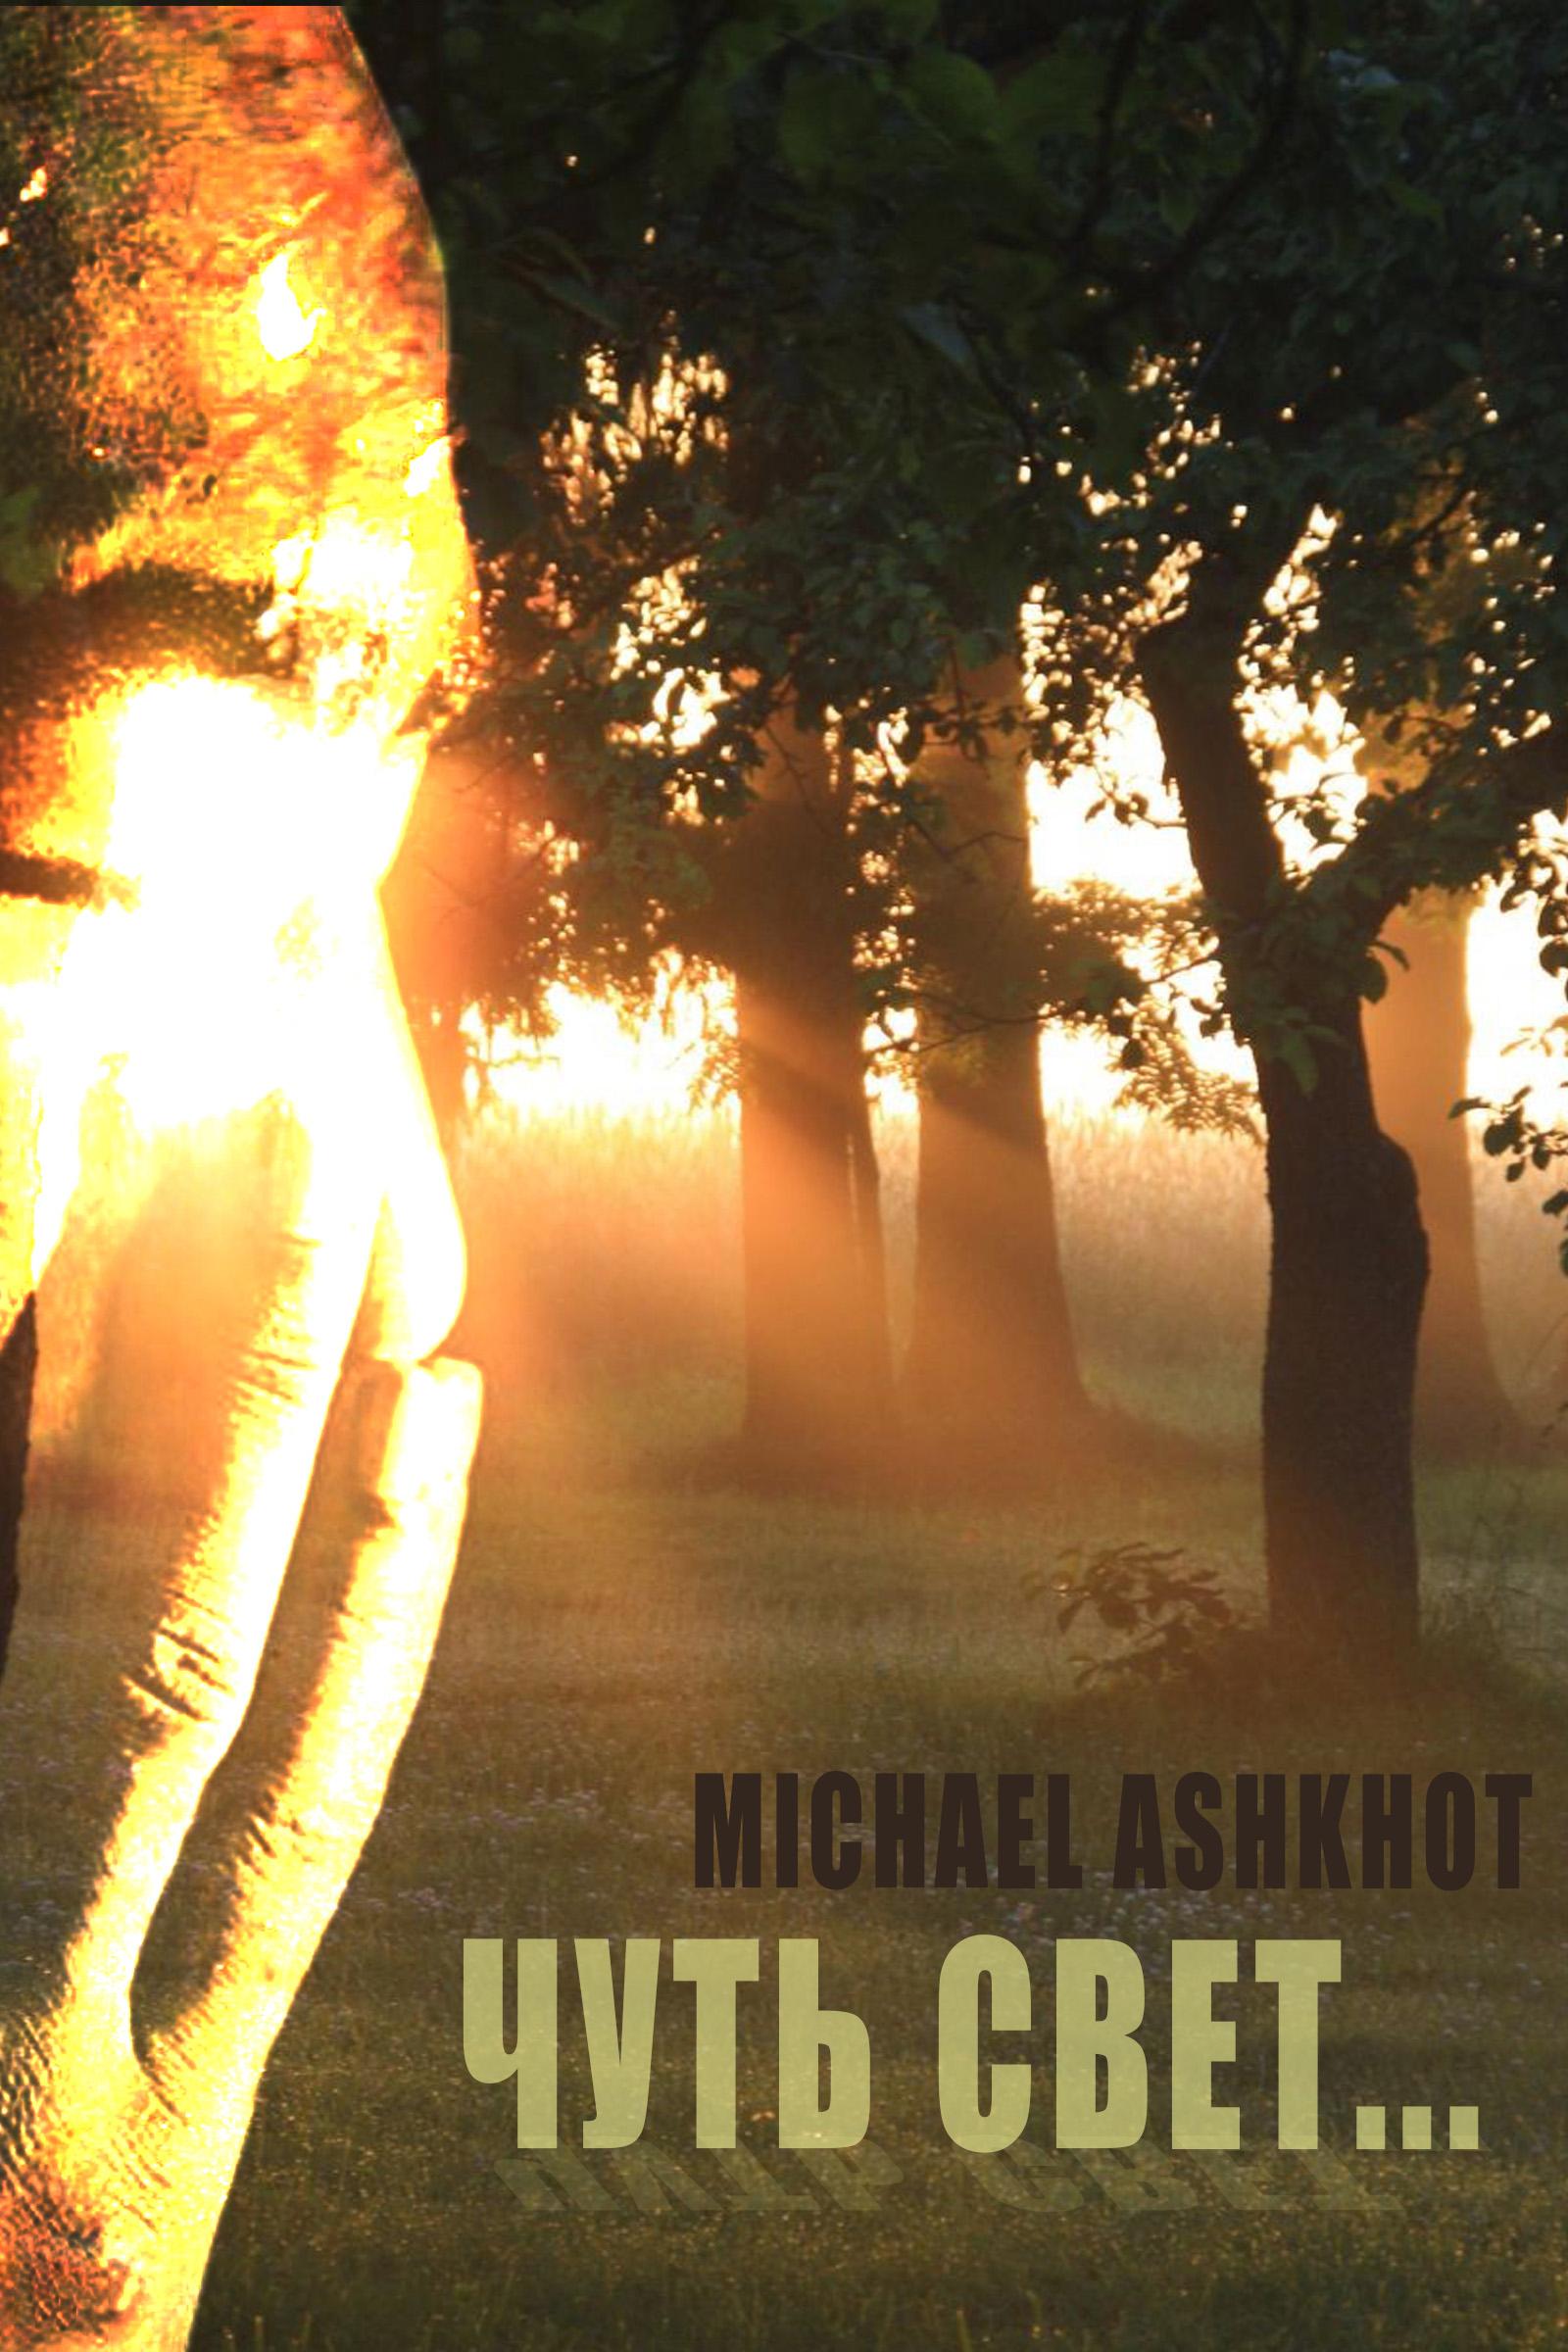 Michael Ashkhot Чуть свет… printio ночь темна и полна углеводородов